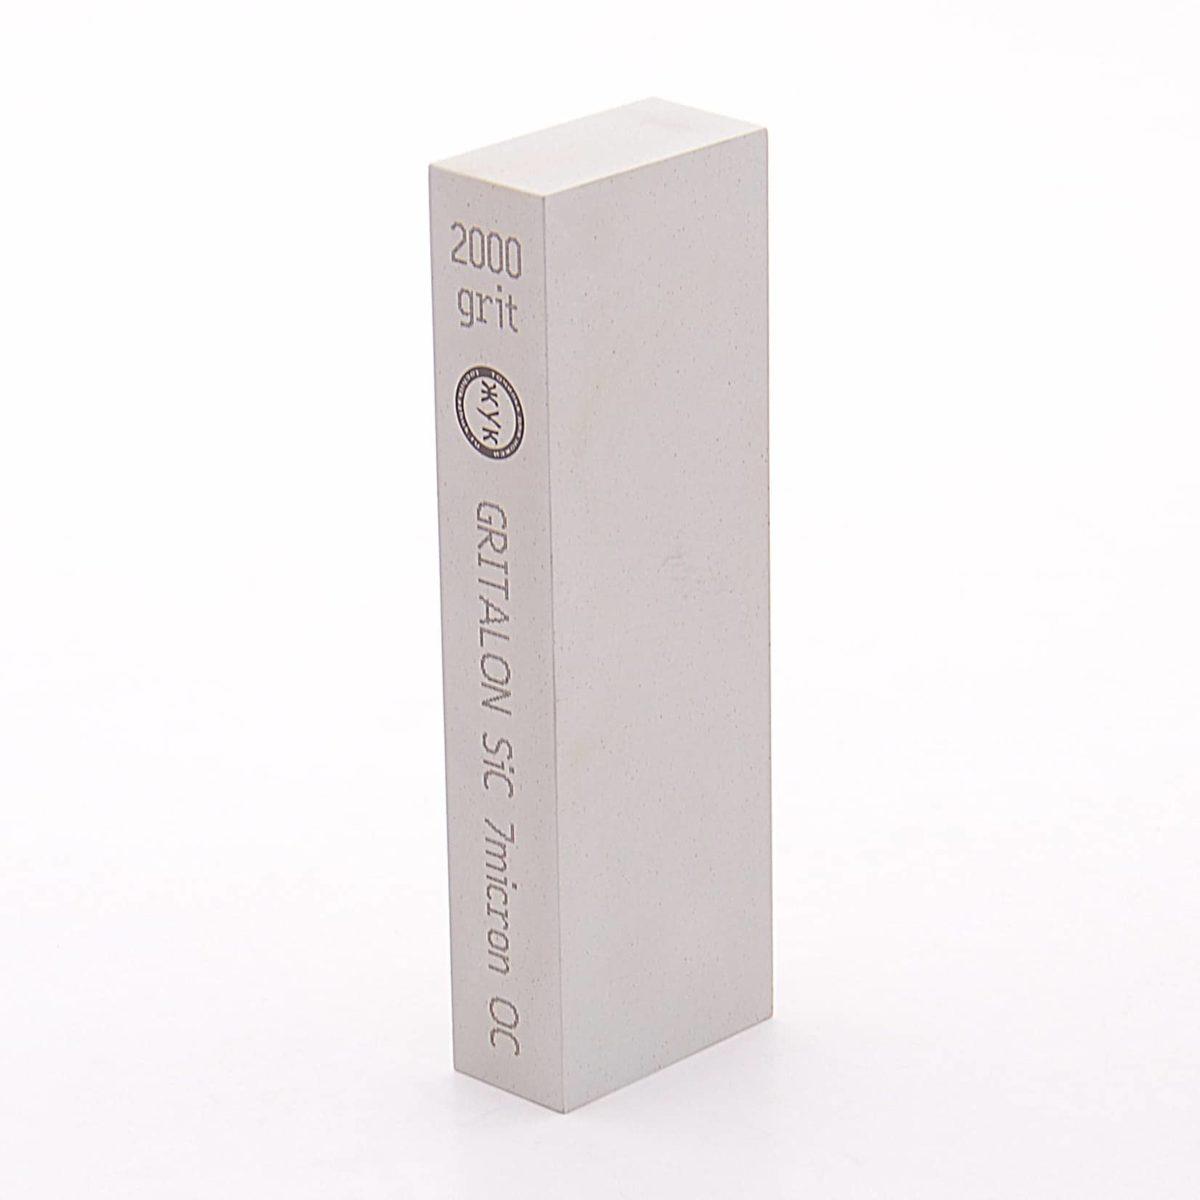 Абразивный брусок GRITALON 2000 грит 150х50х25мм (KK) 2